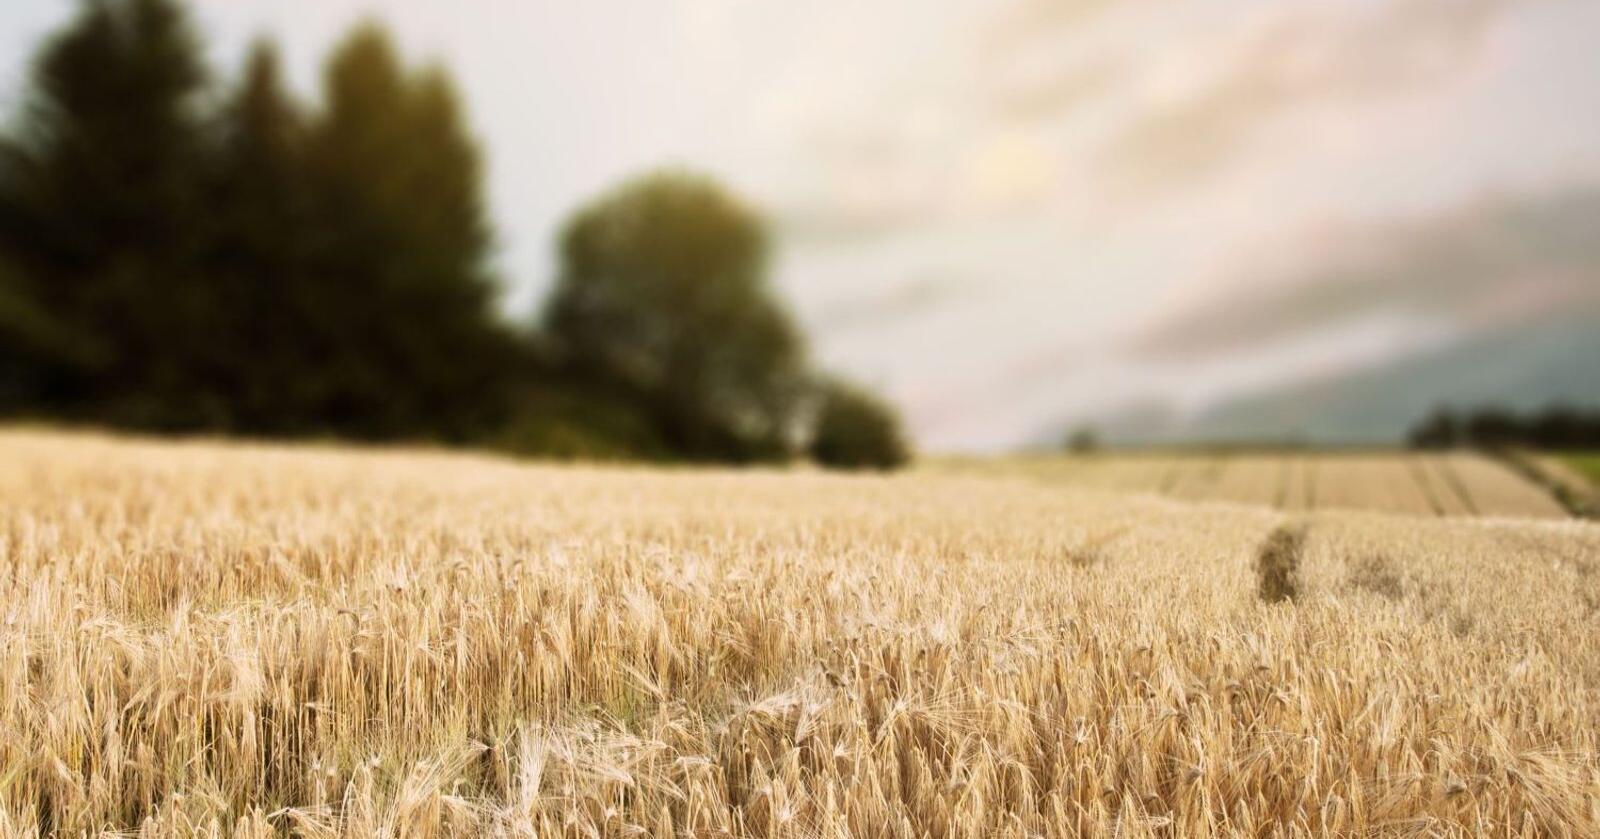 Lystgass utgjør en tredjedel av det totale klimagassutslippet fra matproduksjon. Utslippene skyldes i hovedsak bruken av kunstgjødsel.Foto: millicookbook / Shutterstock / NTB